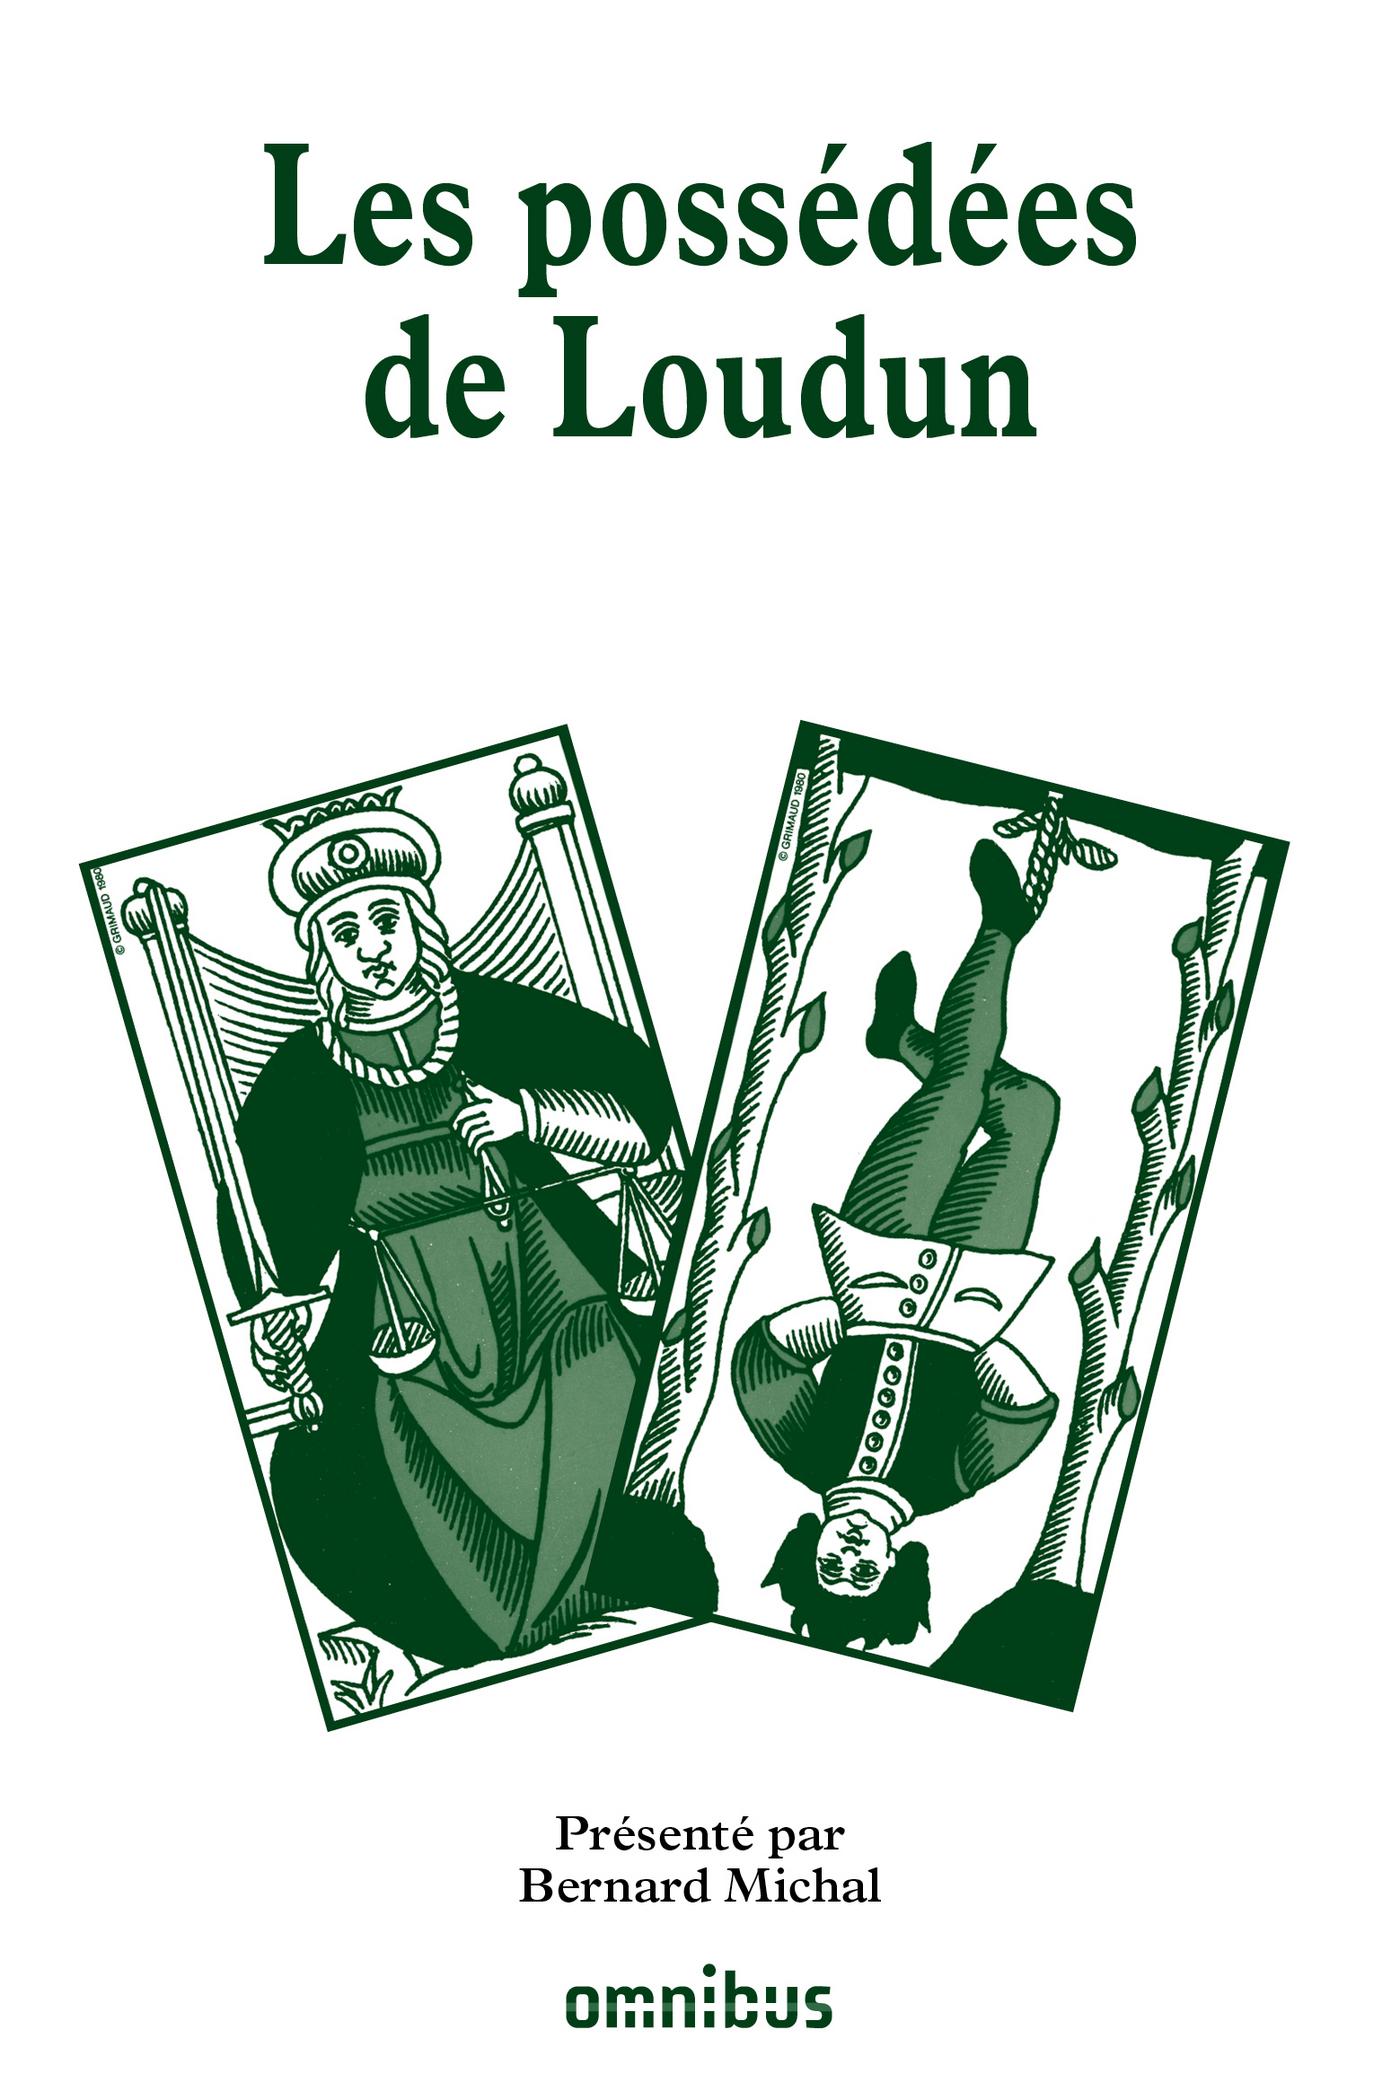 Les possédées de Loudun